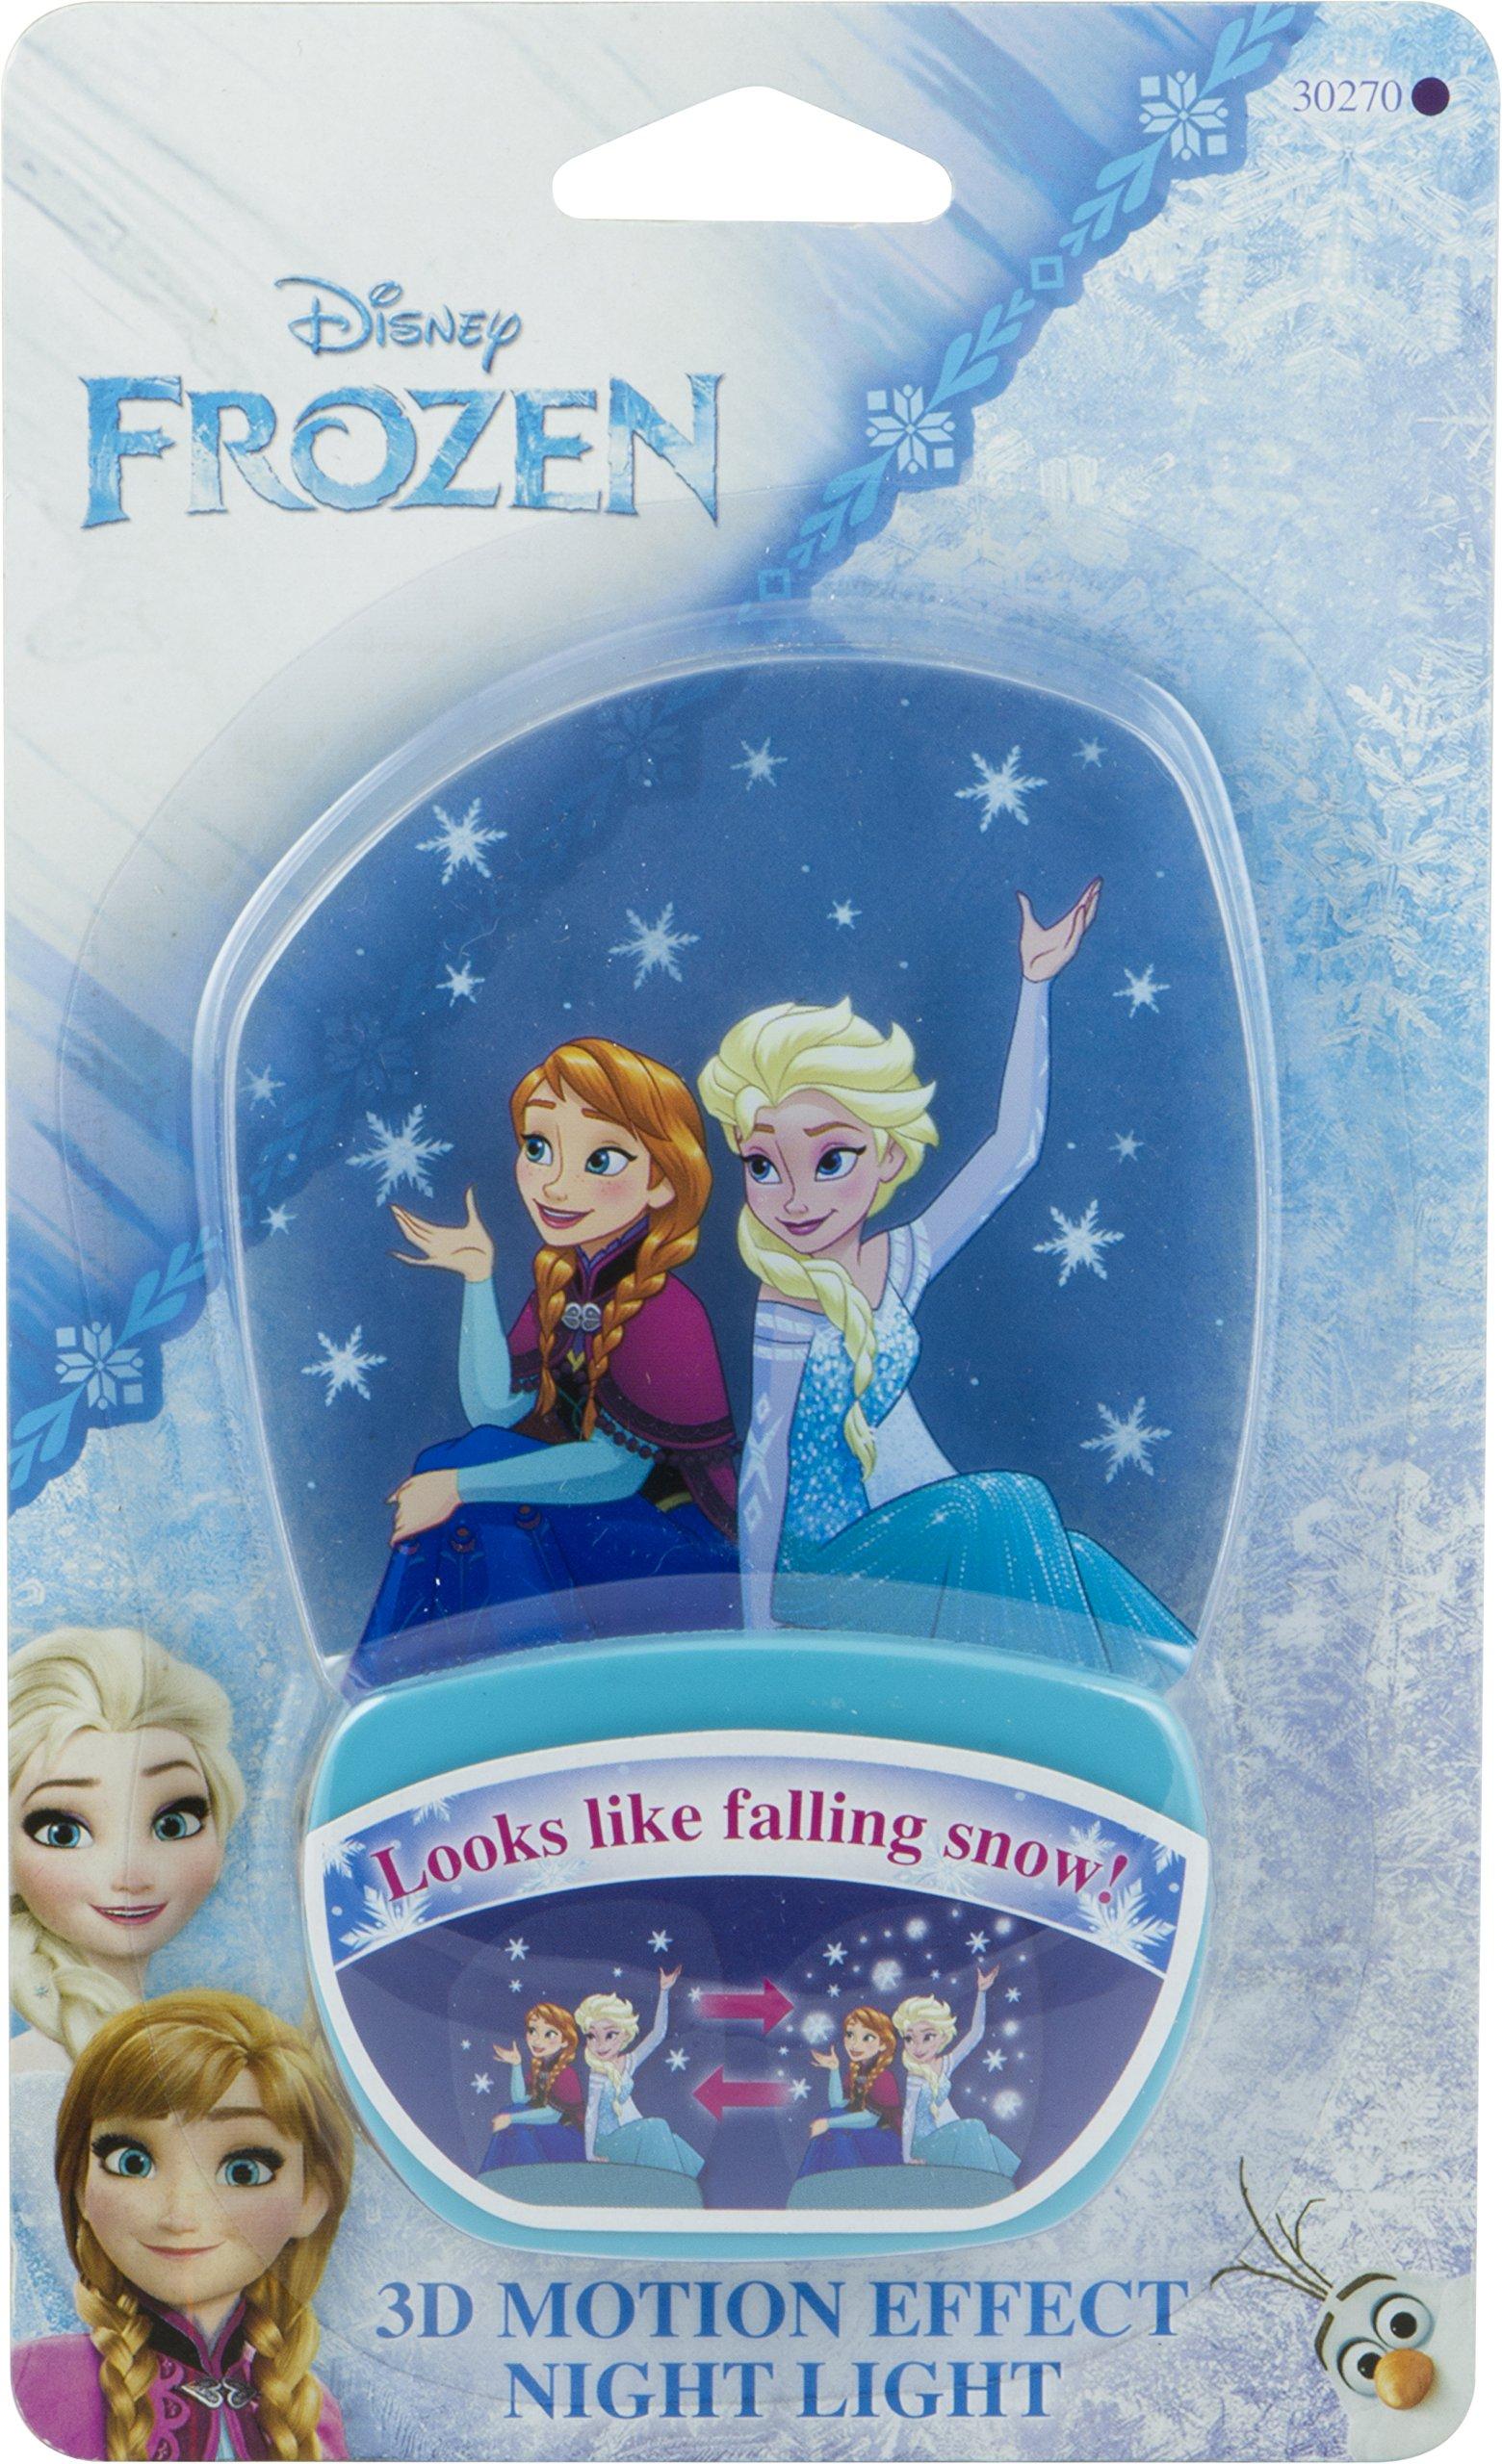 Frozen 3D Motion Effect Night Light Nightlight Elsa 'Looks Like Falling Snow'New